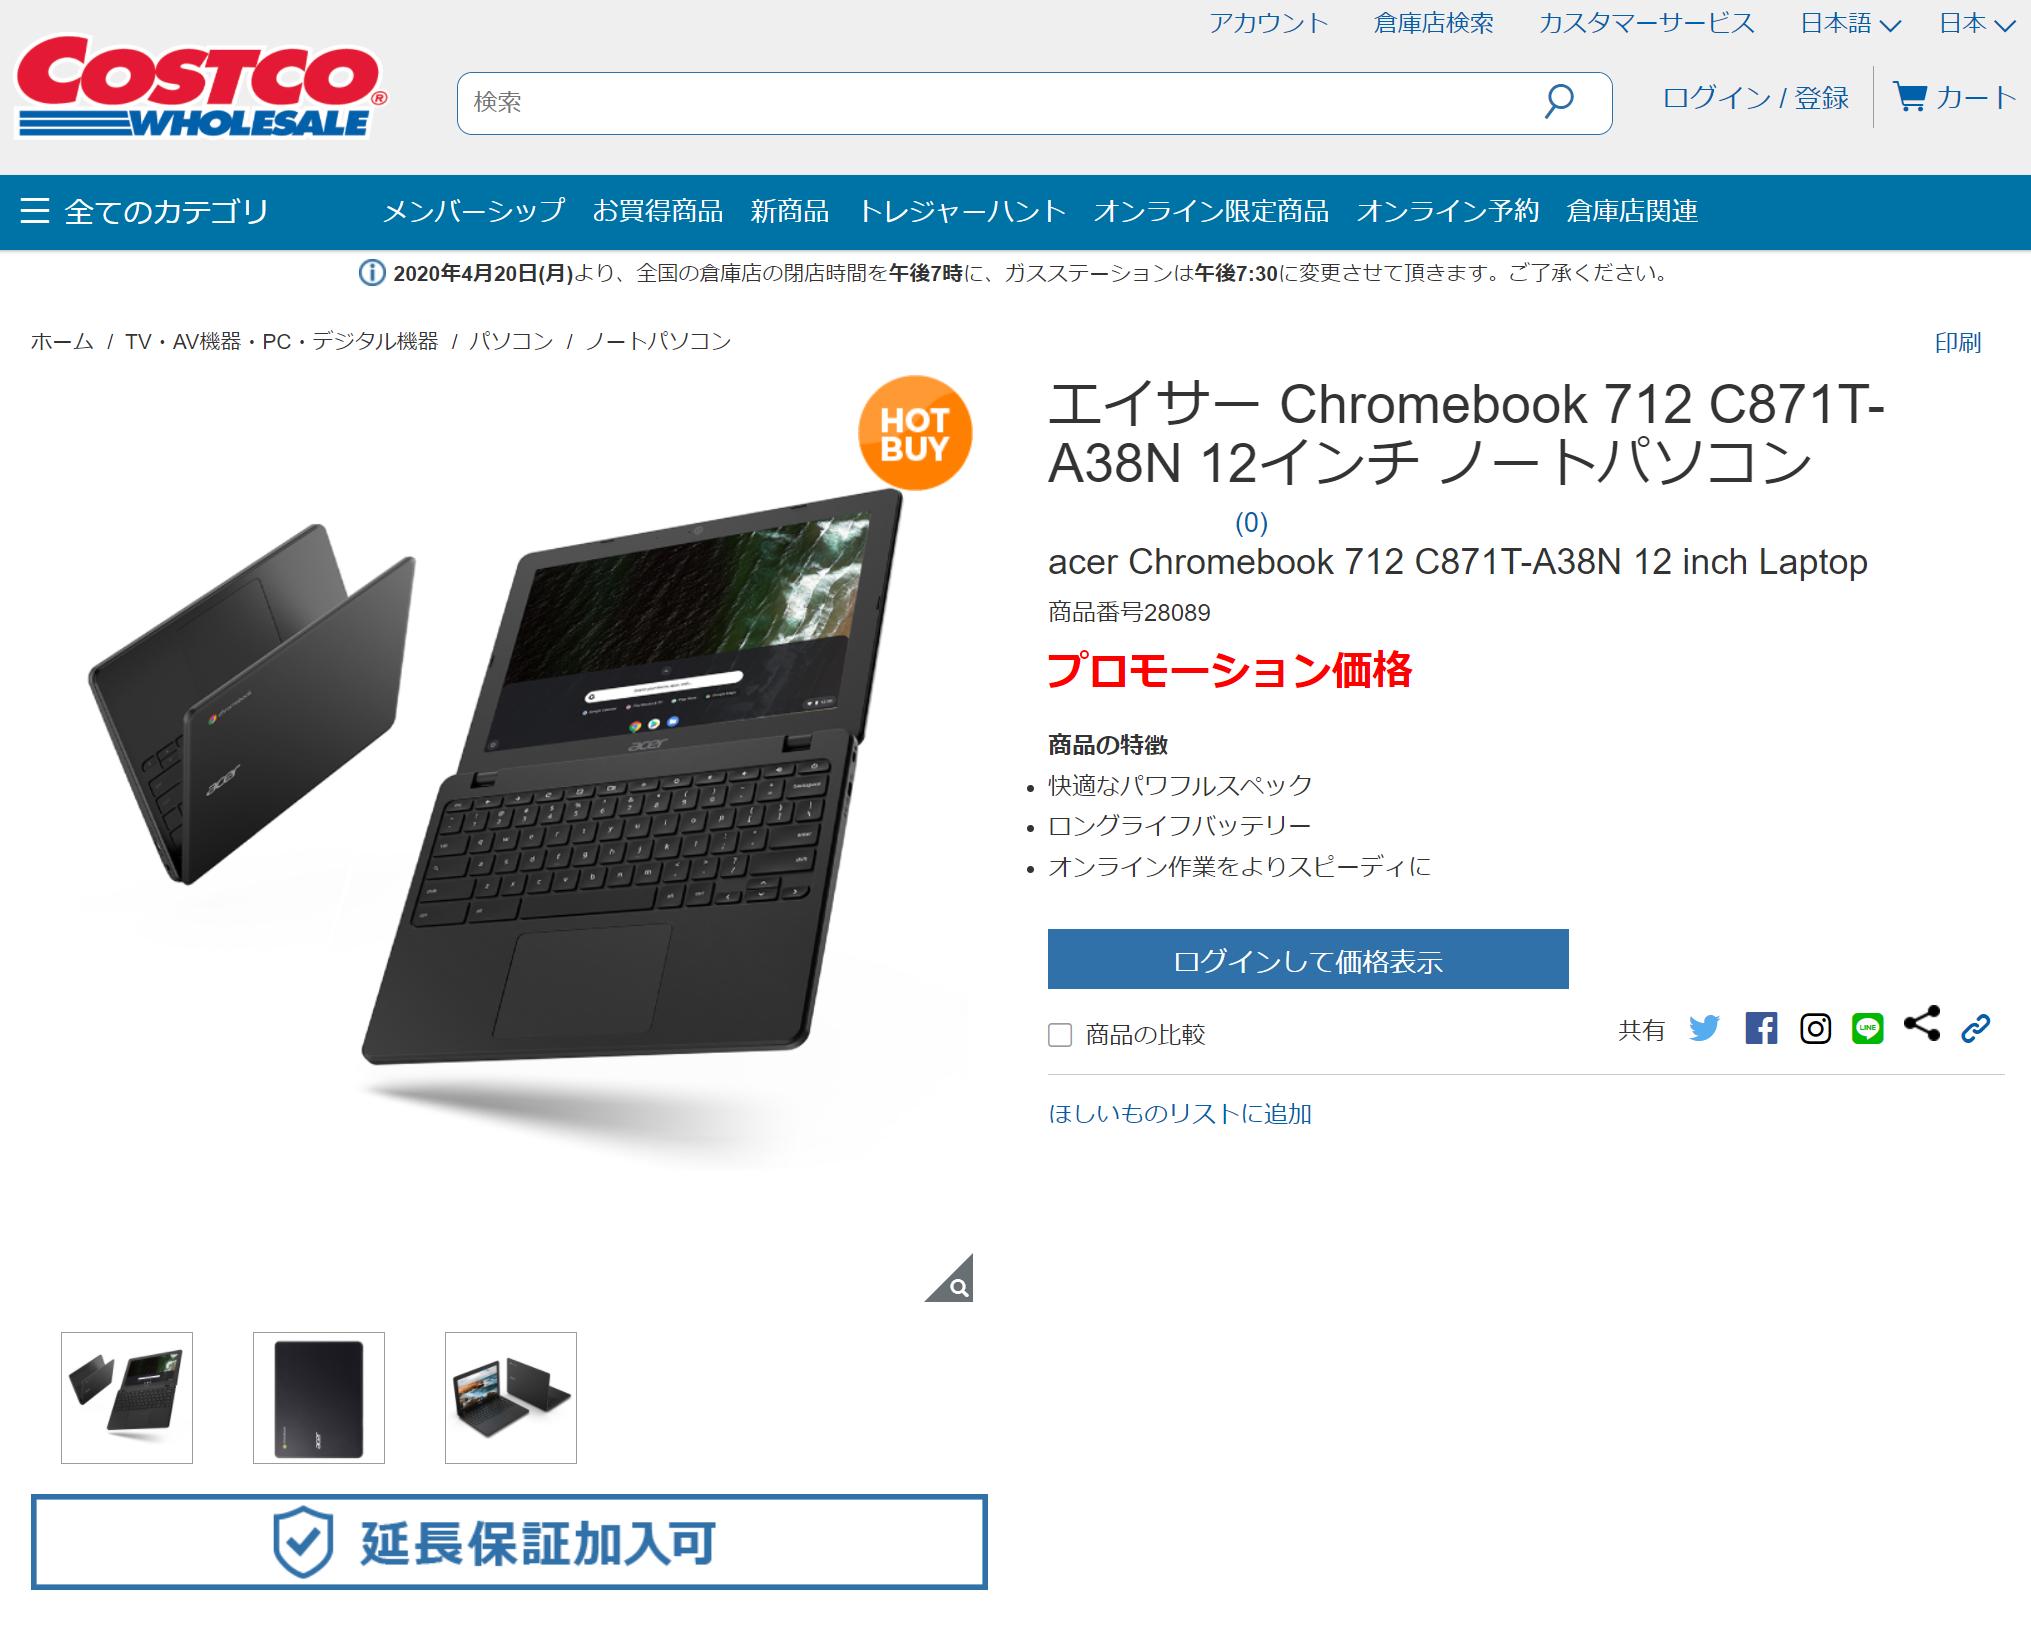 [かぶ] コストコがCore i3版のAcer Chromebook 712をプロモーション価格19,800円で販売(既にネットショップでは在庫切れ)。